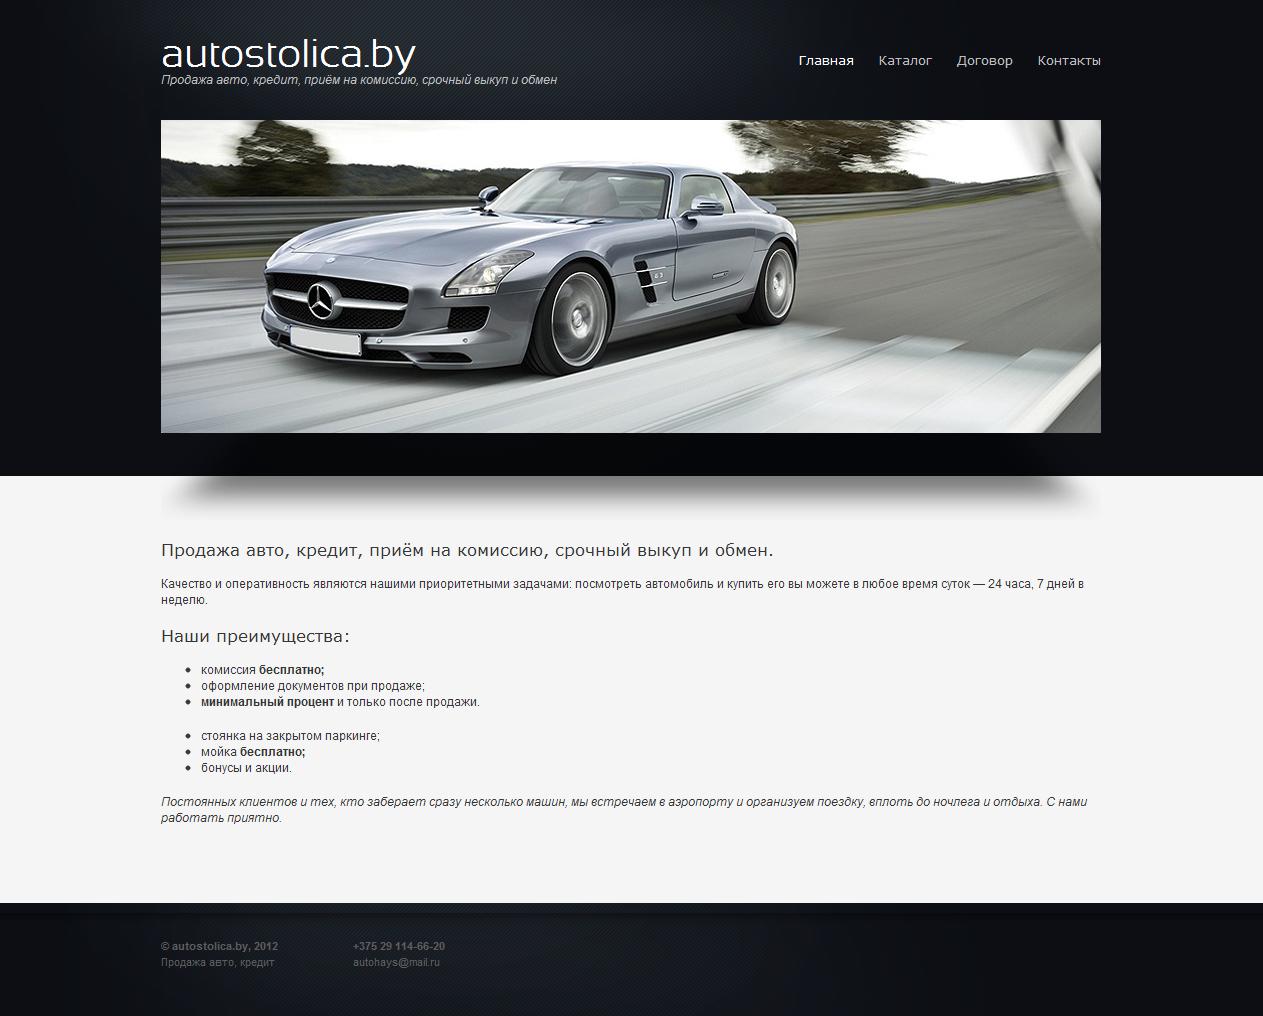 Разработка сайта Autostolica.by